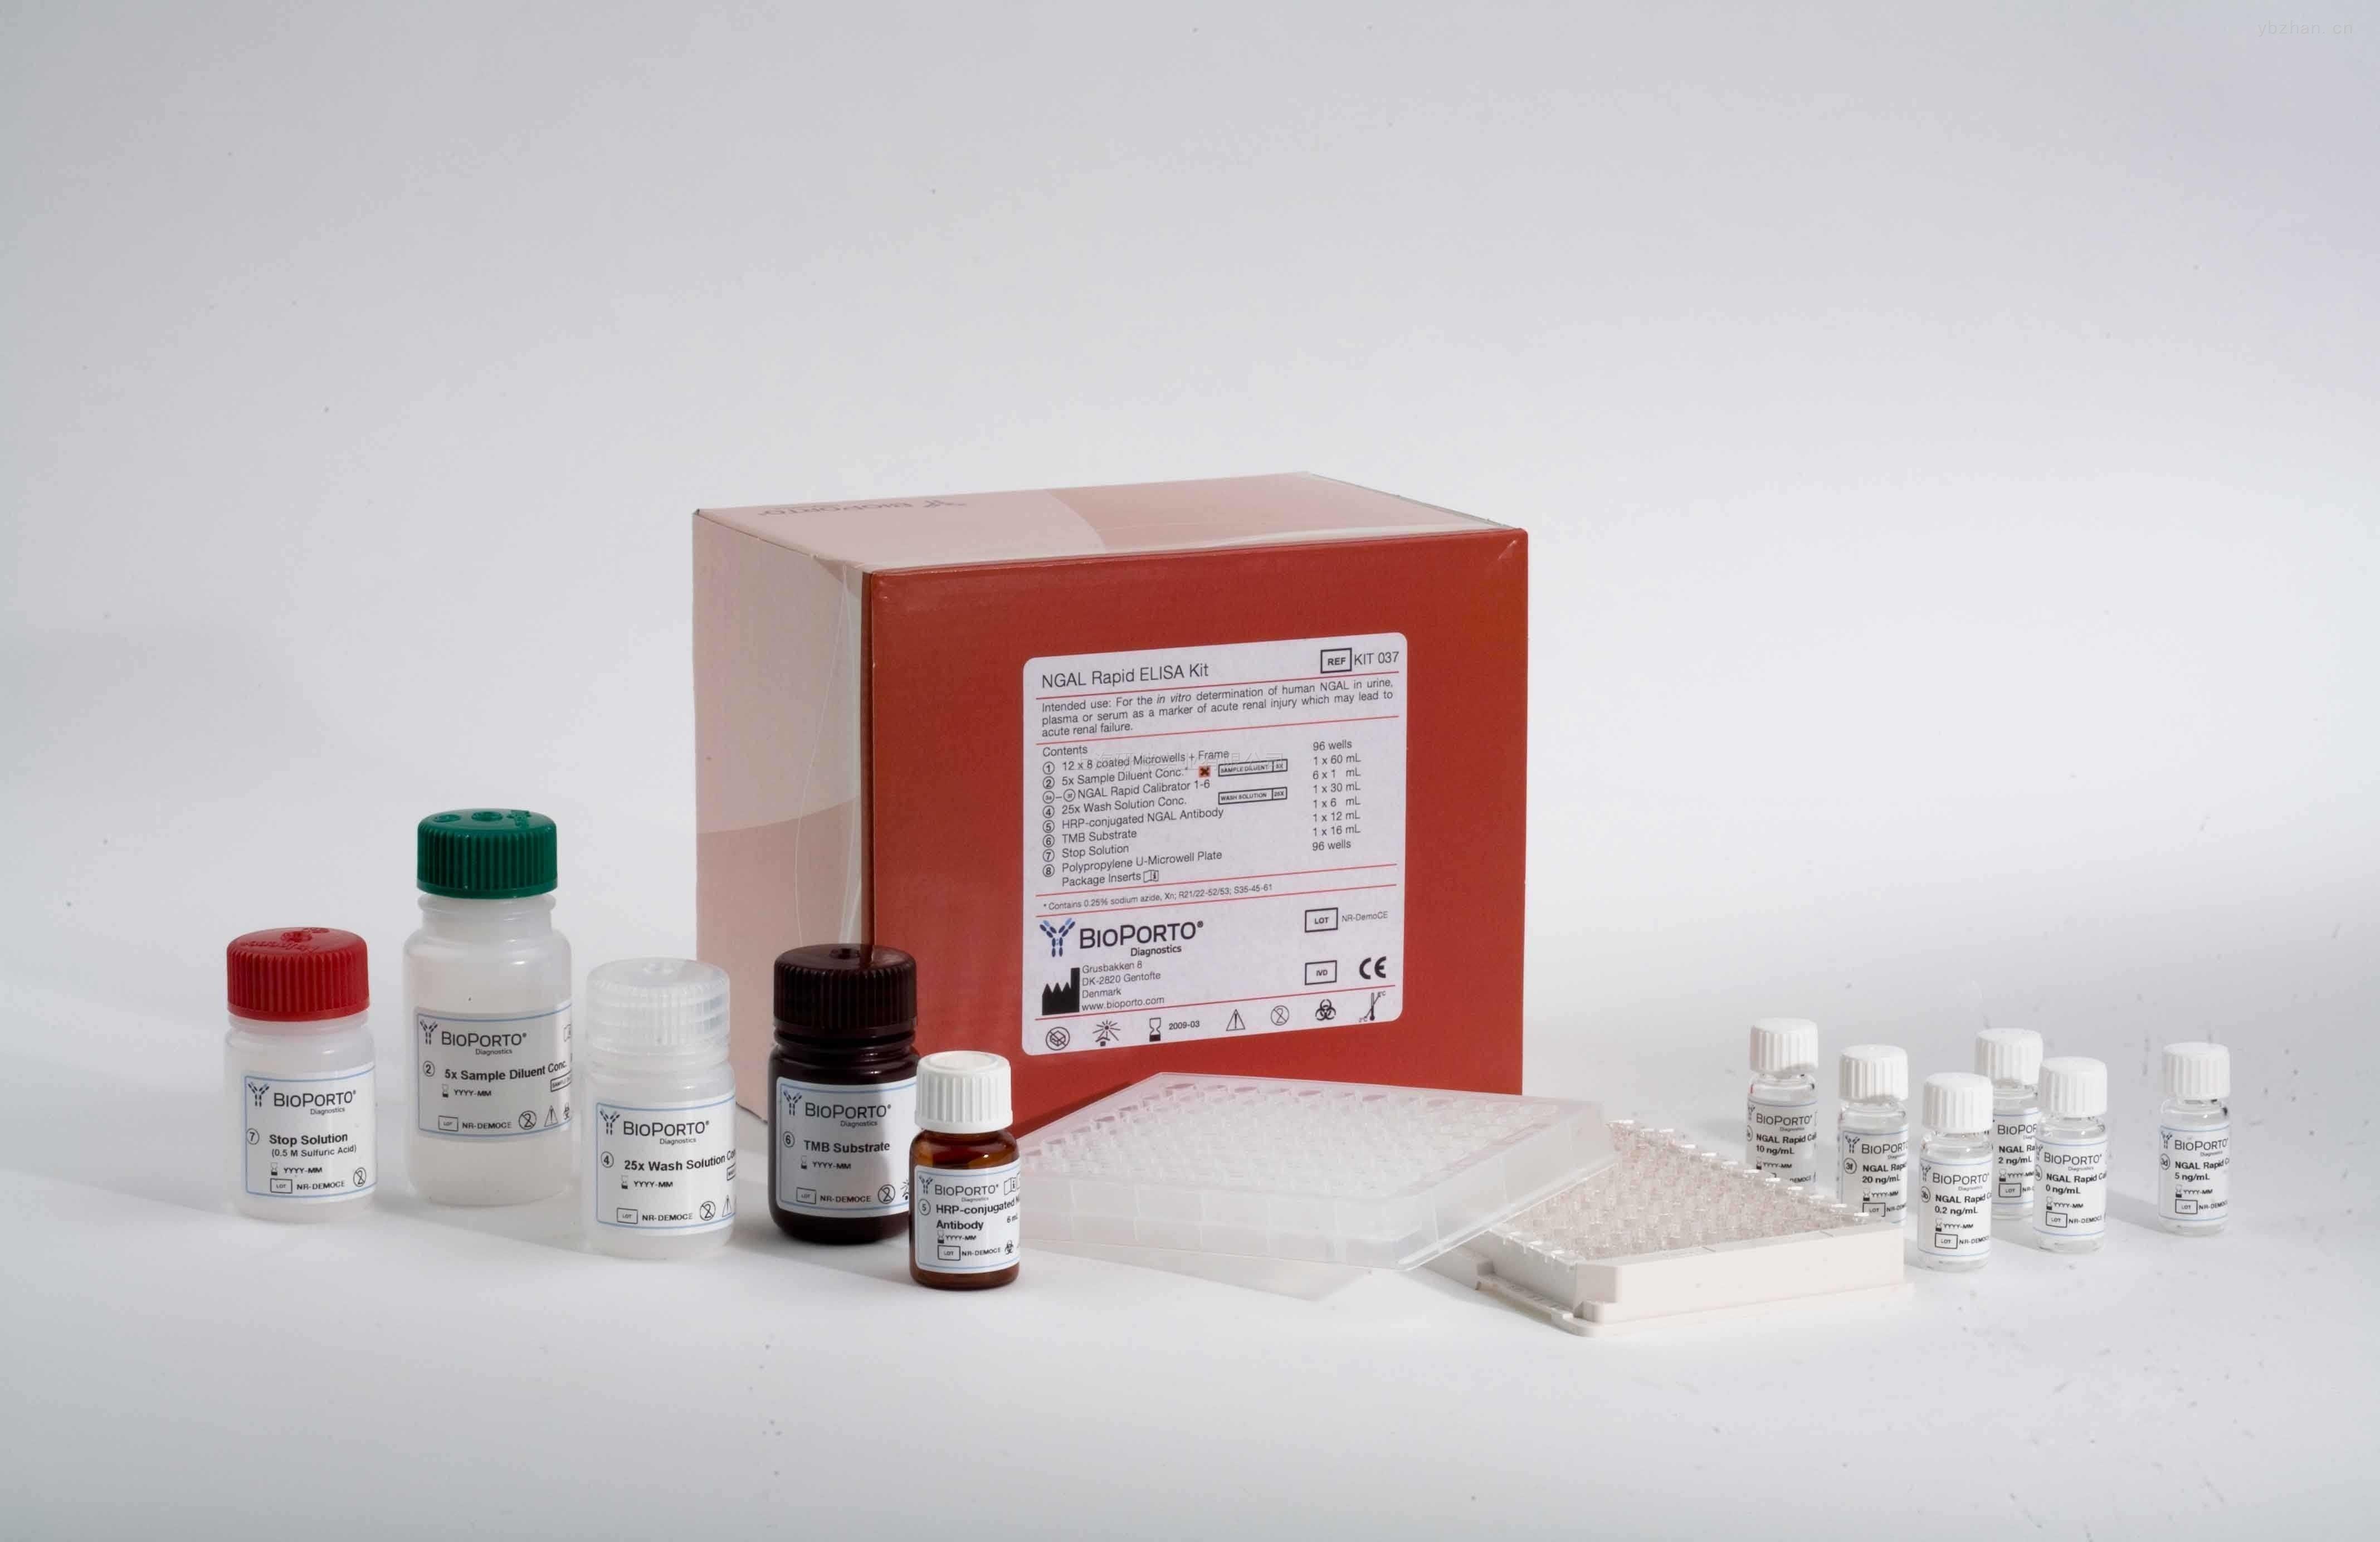 冰凍切片組織APC蛋白表達NBT顯色光學顯微鏡檢測試劑盒